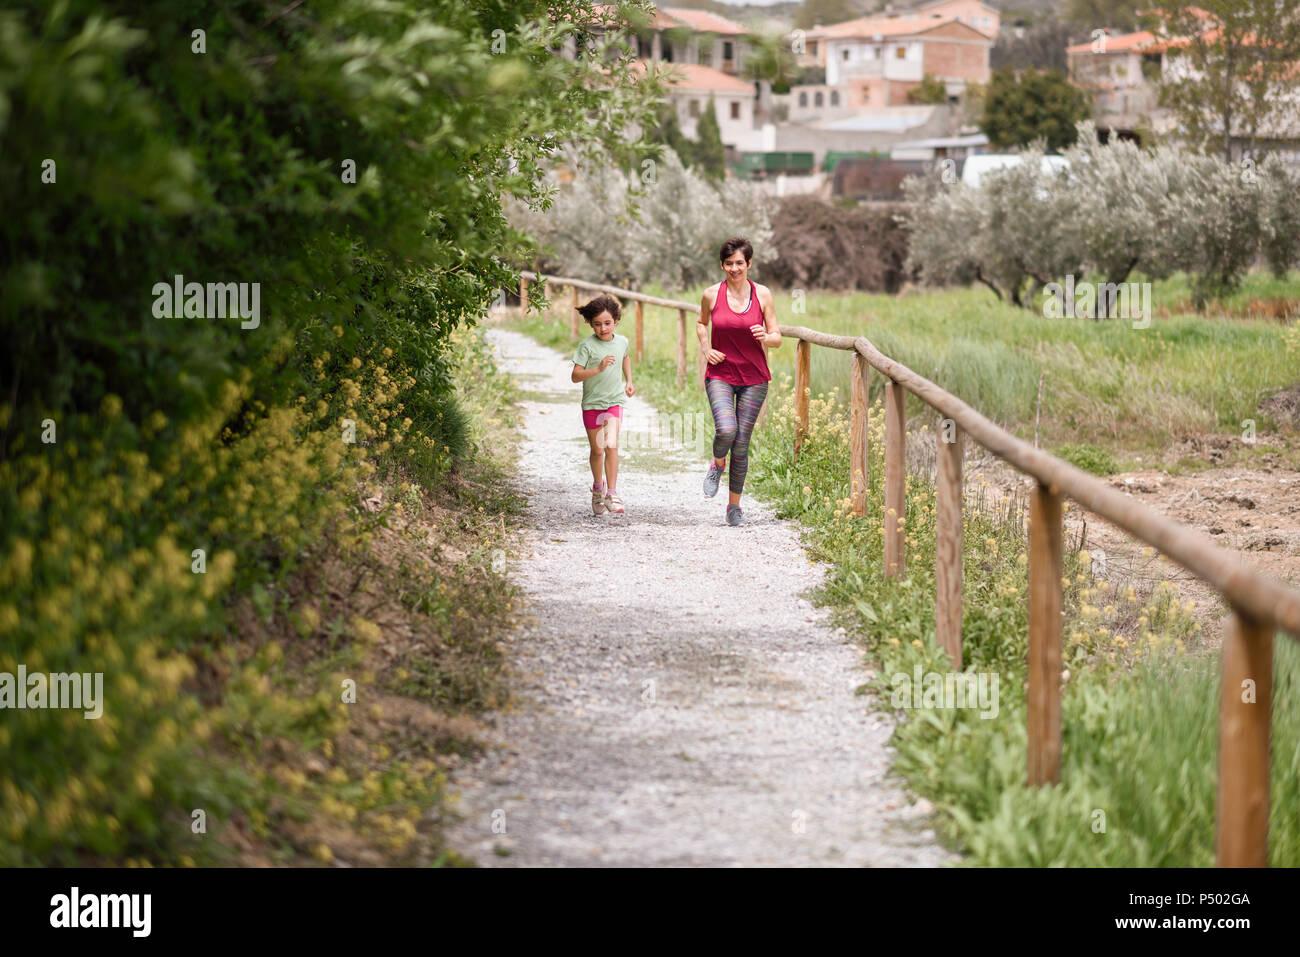 Madre e figlia in esecuzione su un percorso in ambiente naturale Immagini Stock